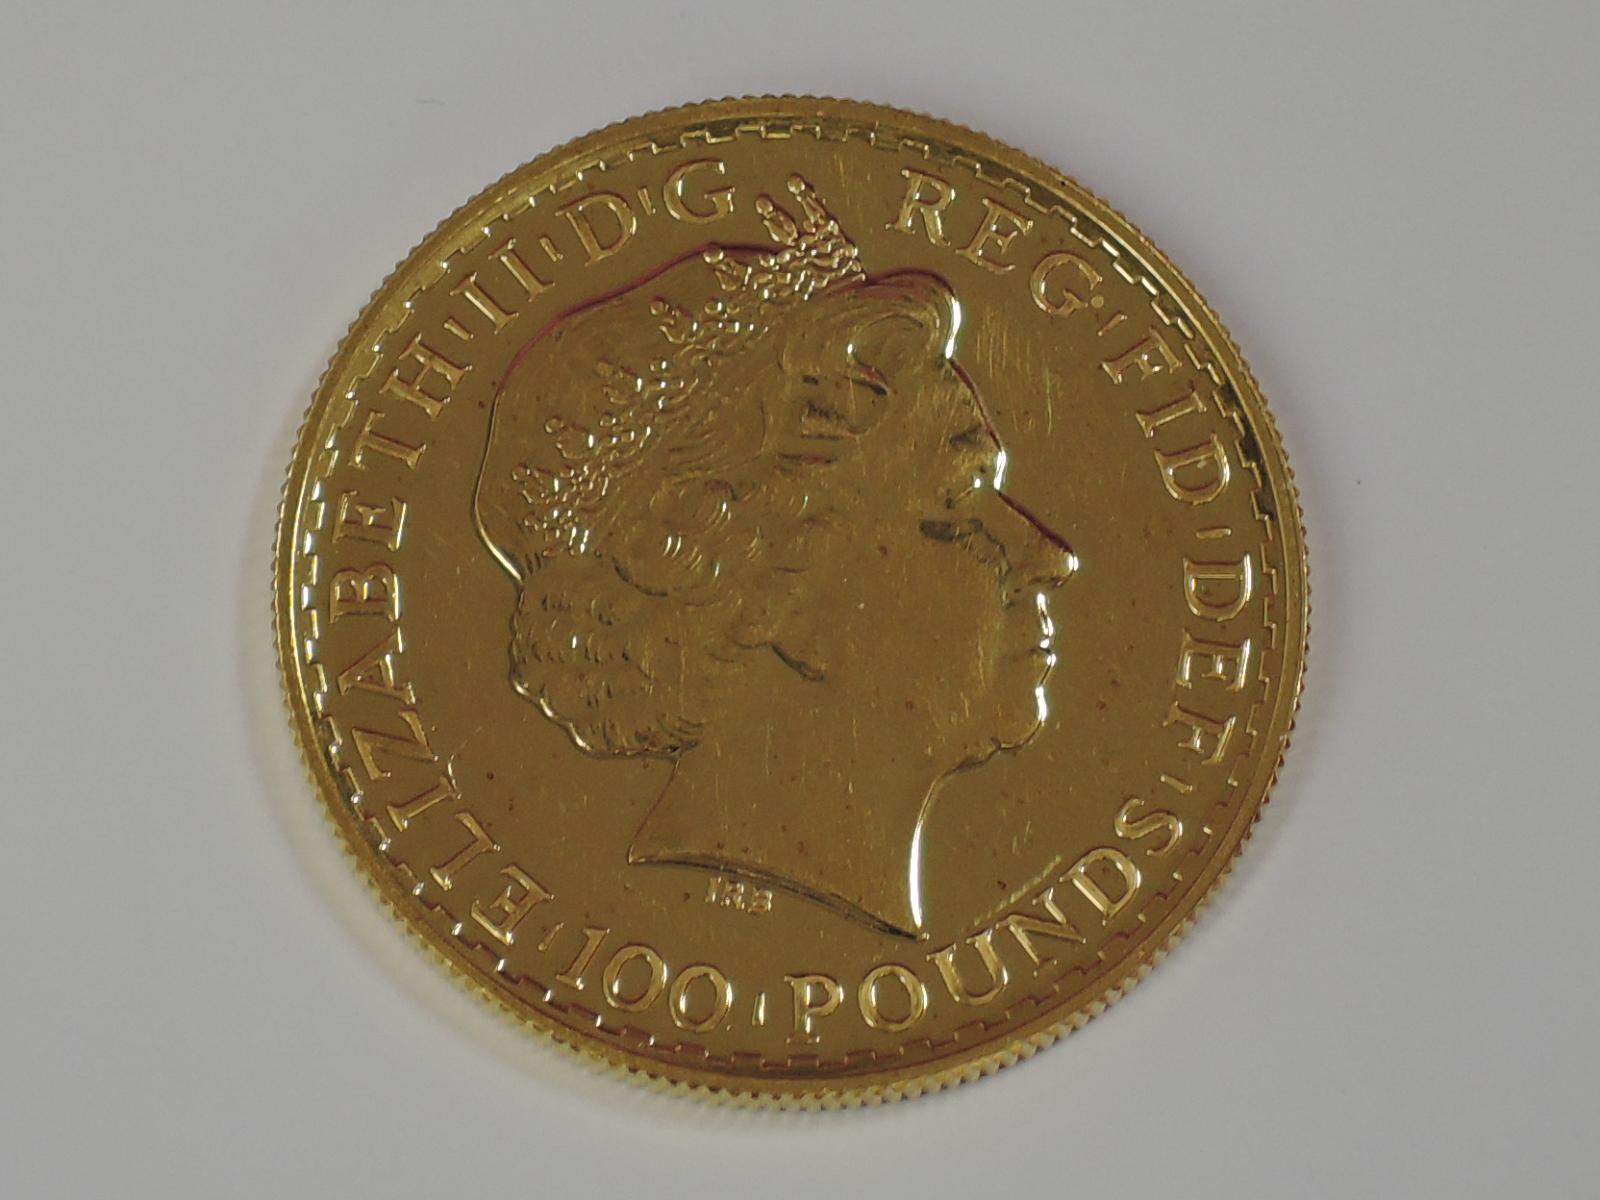 Lot 643 - A gold 1oz 2014 Great Britain Britannia 100 pound coin, in plastic case